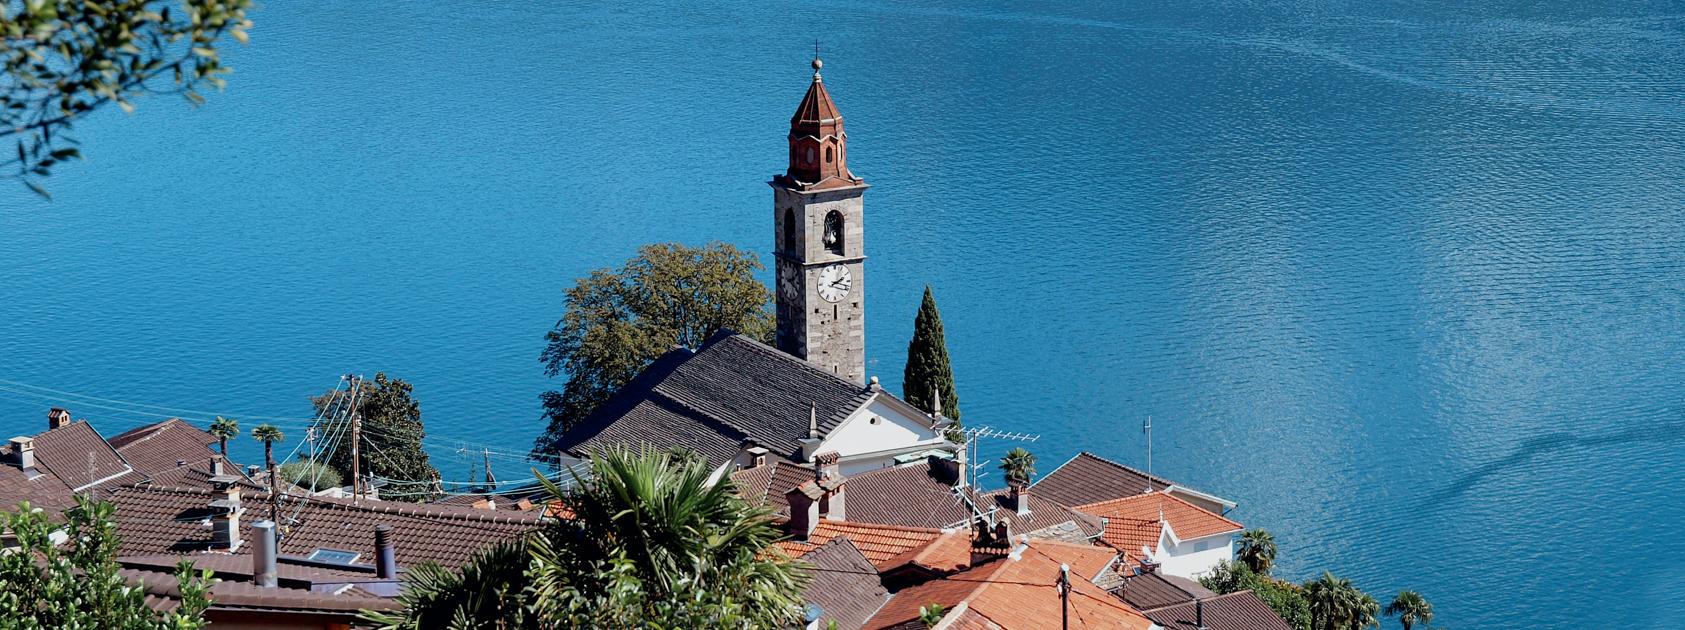 Ronco Scopra Ascona Strutture